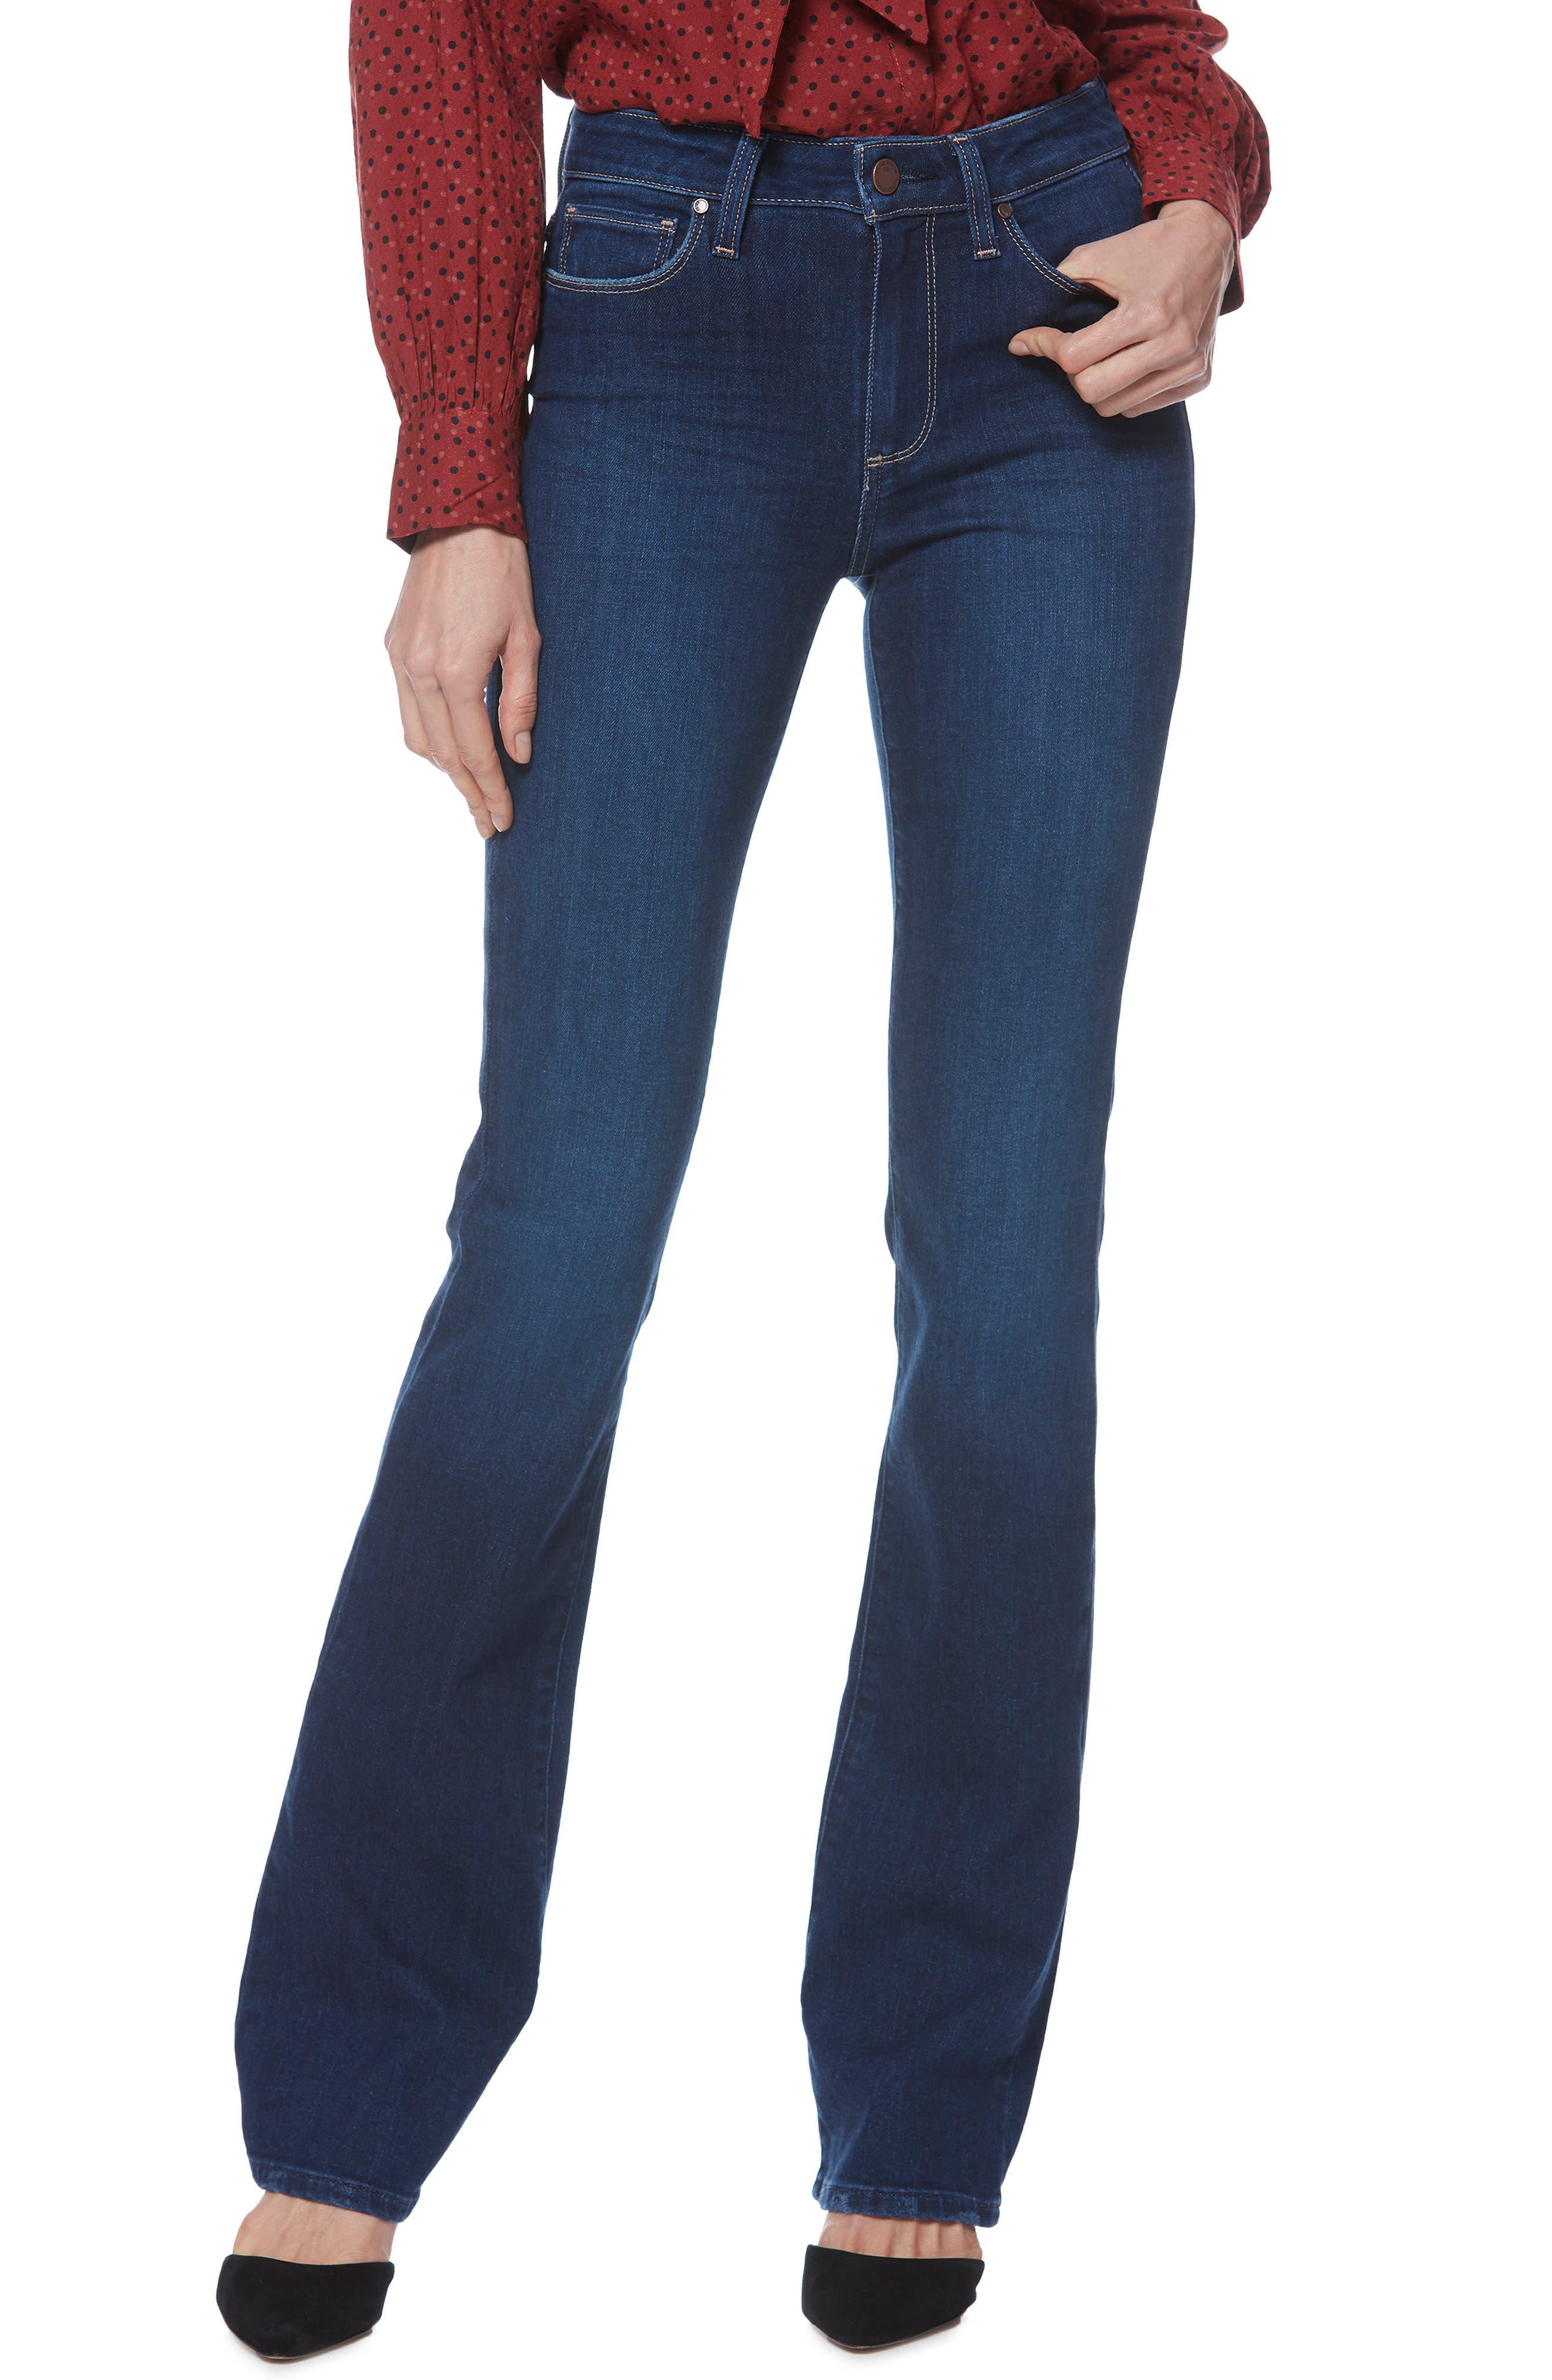 PAIGE, Transcend Vintage - Manhattan Bootcut Jeans, Main thumbnail 1, color, 400